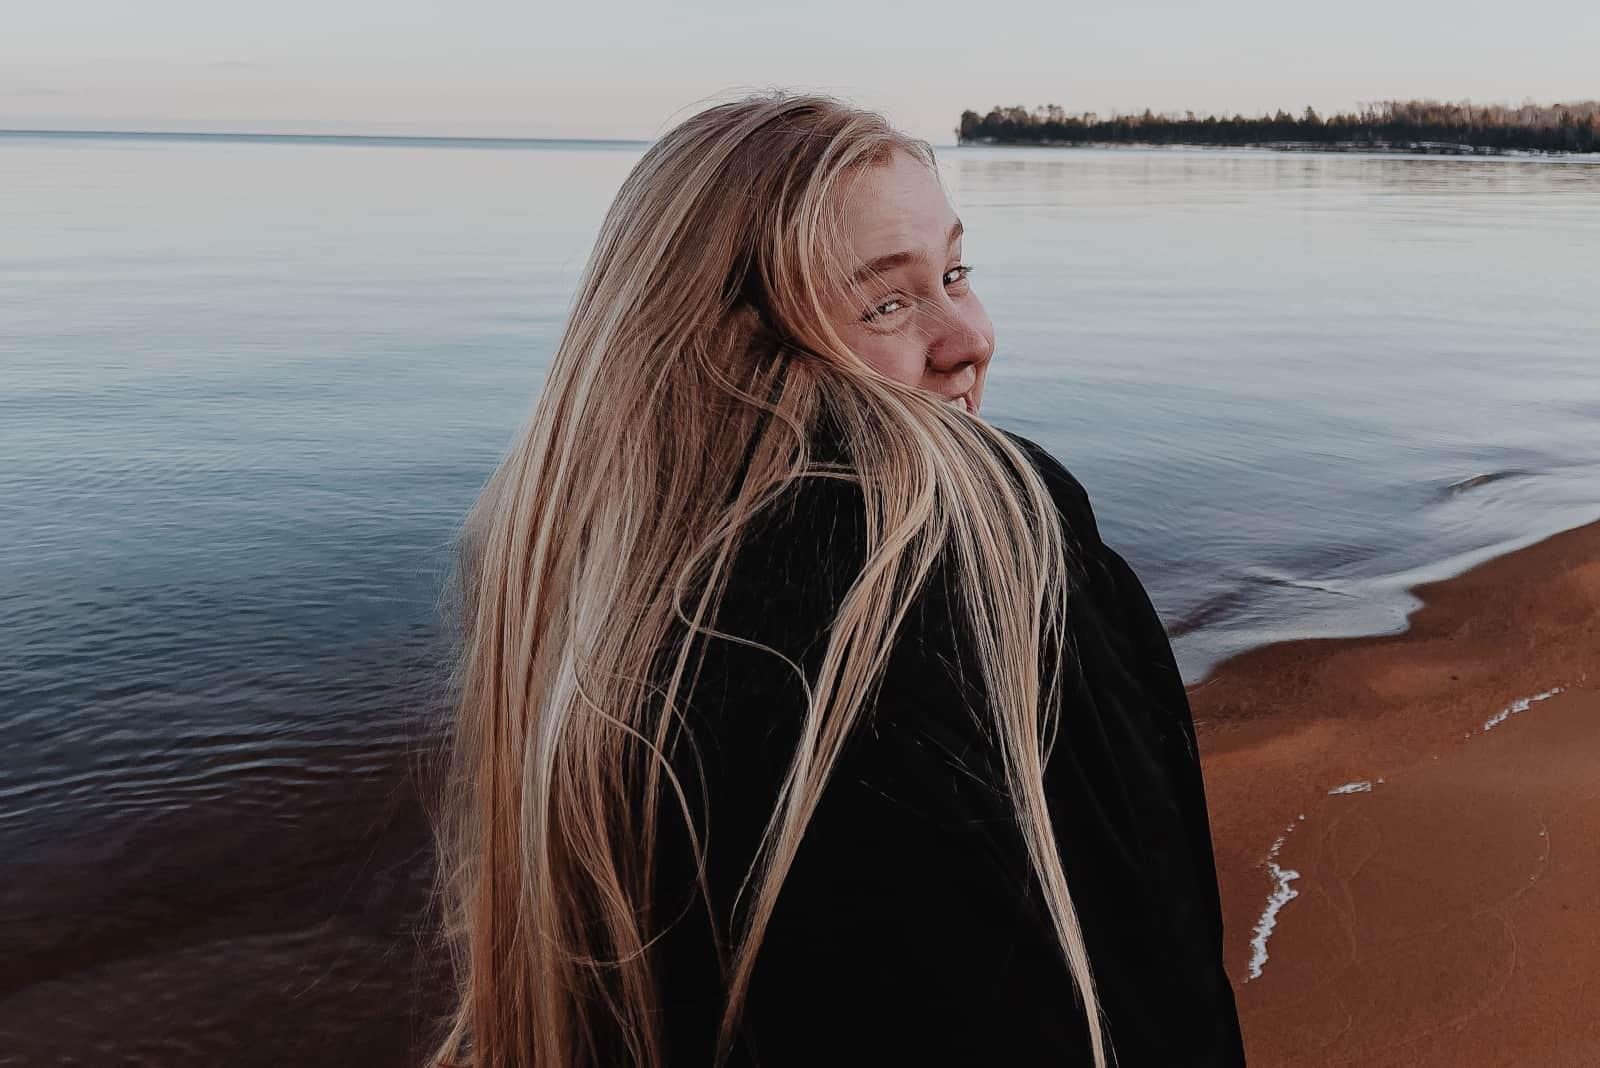 une fille aux très longs cheveux blonds